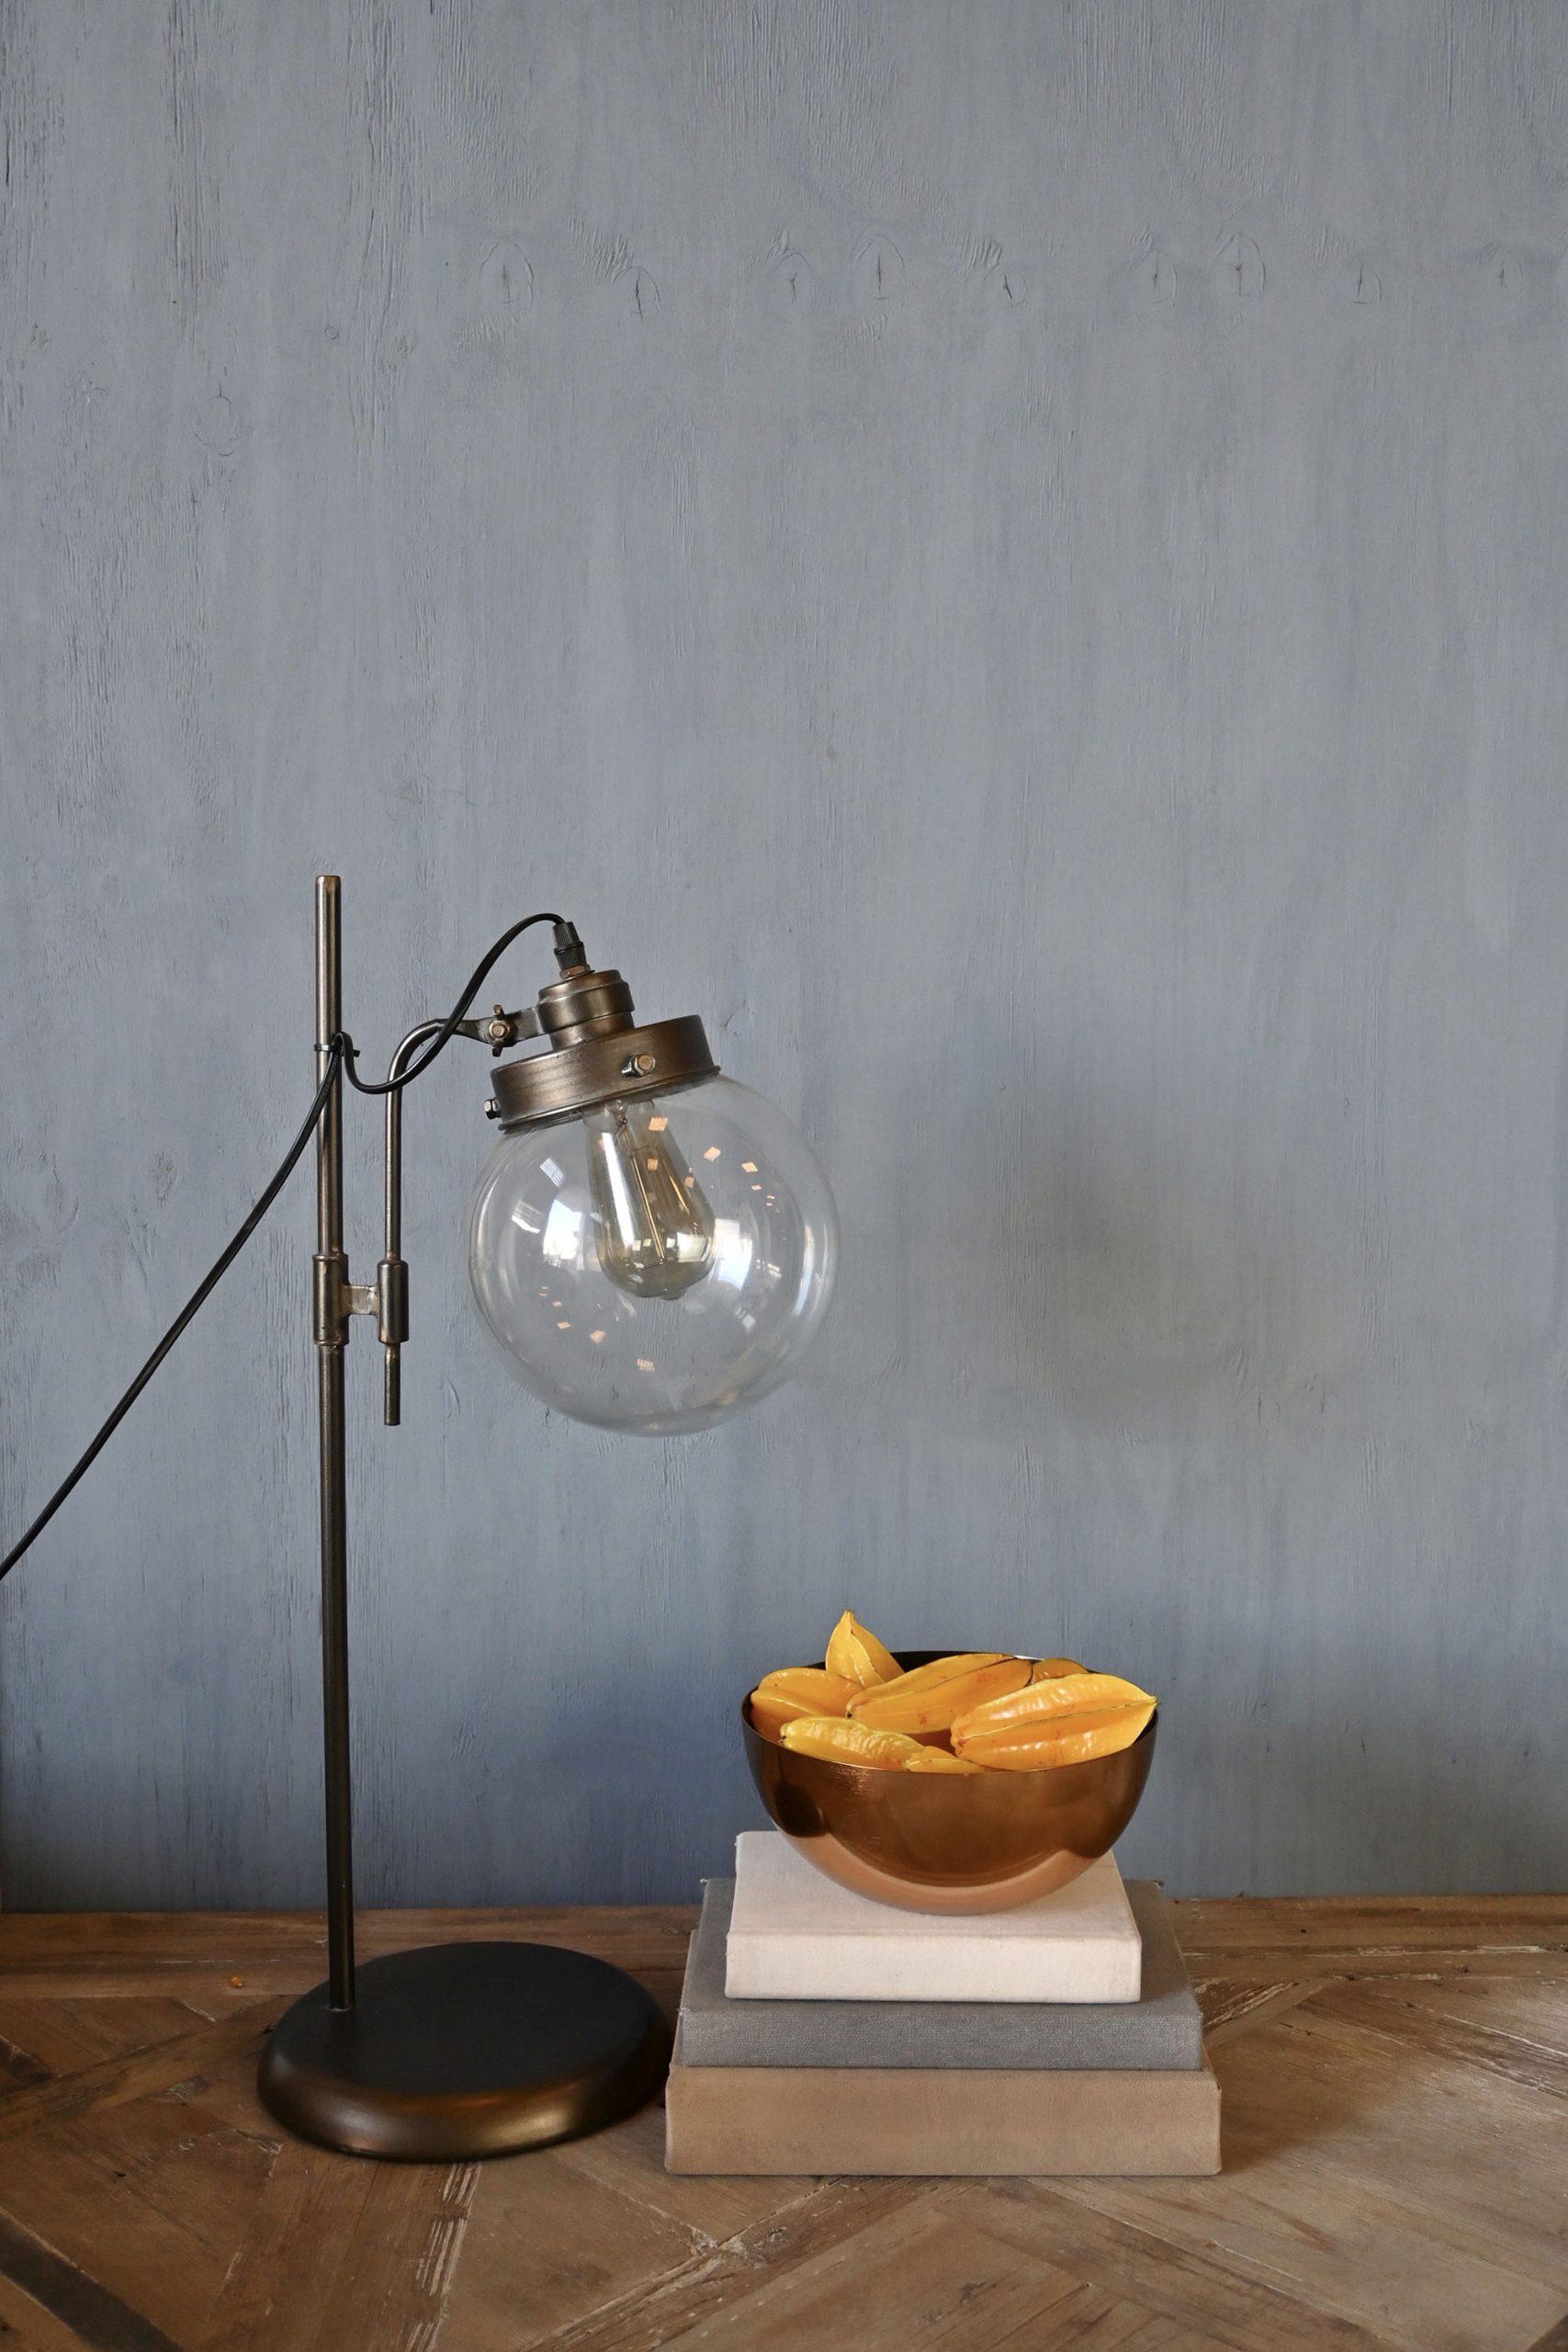 Luminária Industrial, Mesa de Demolição e Bowl Dourado